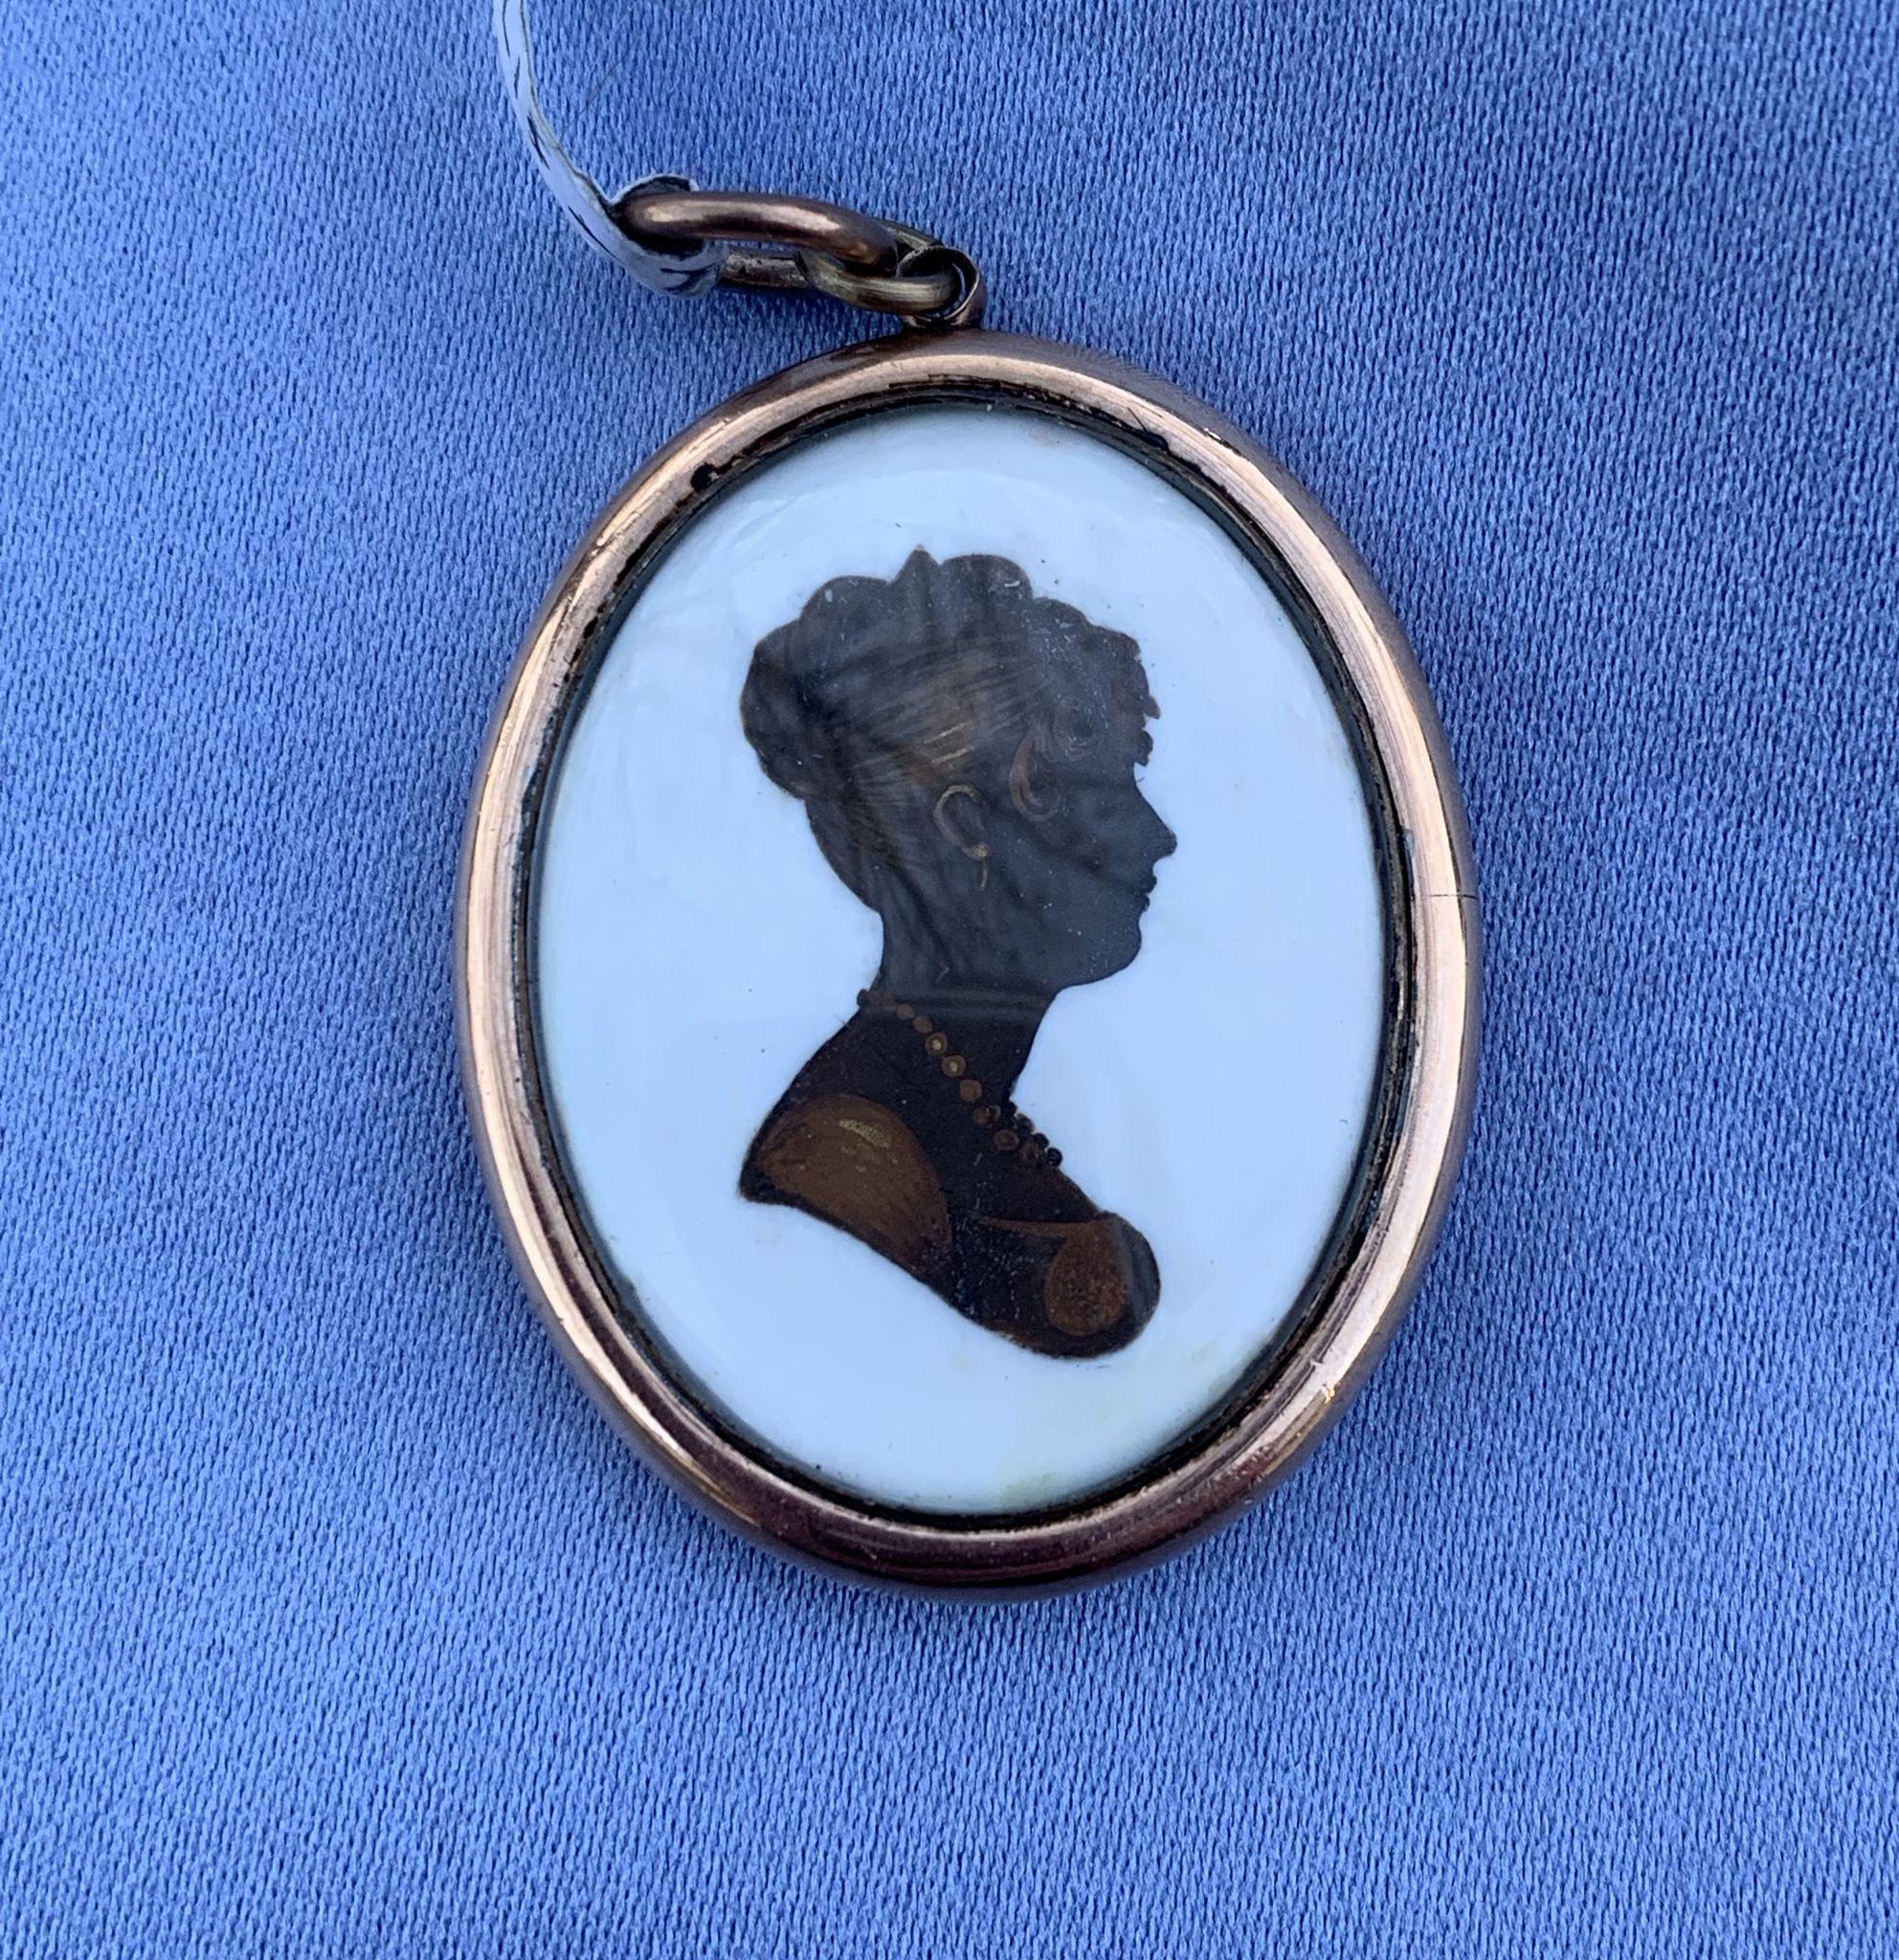 Silhouette  Of Woman by John Fields, 1800